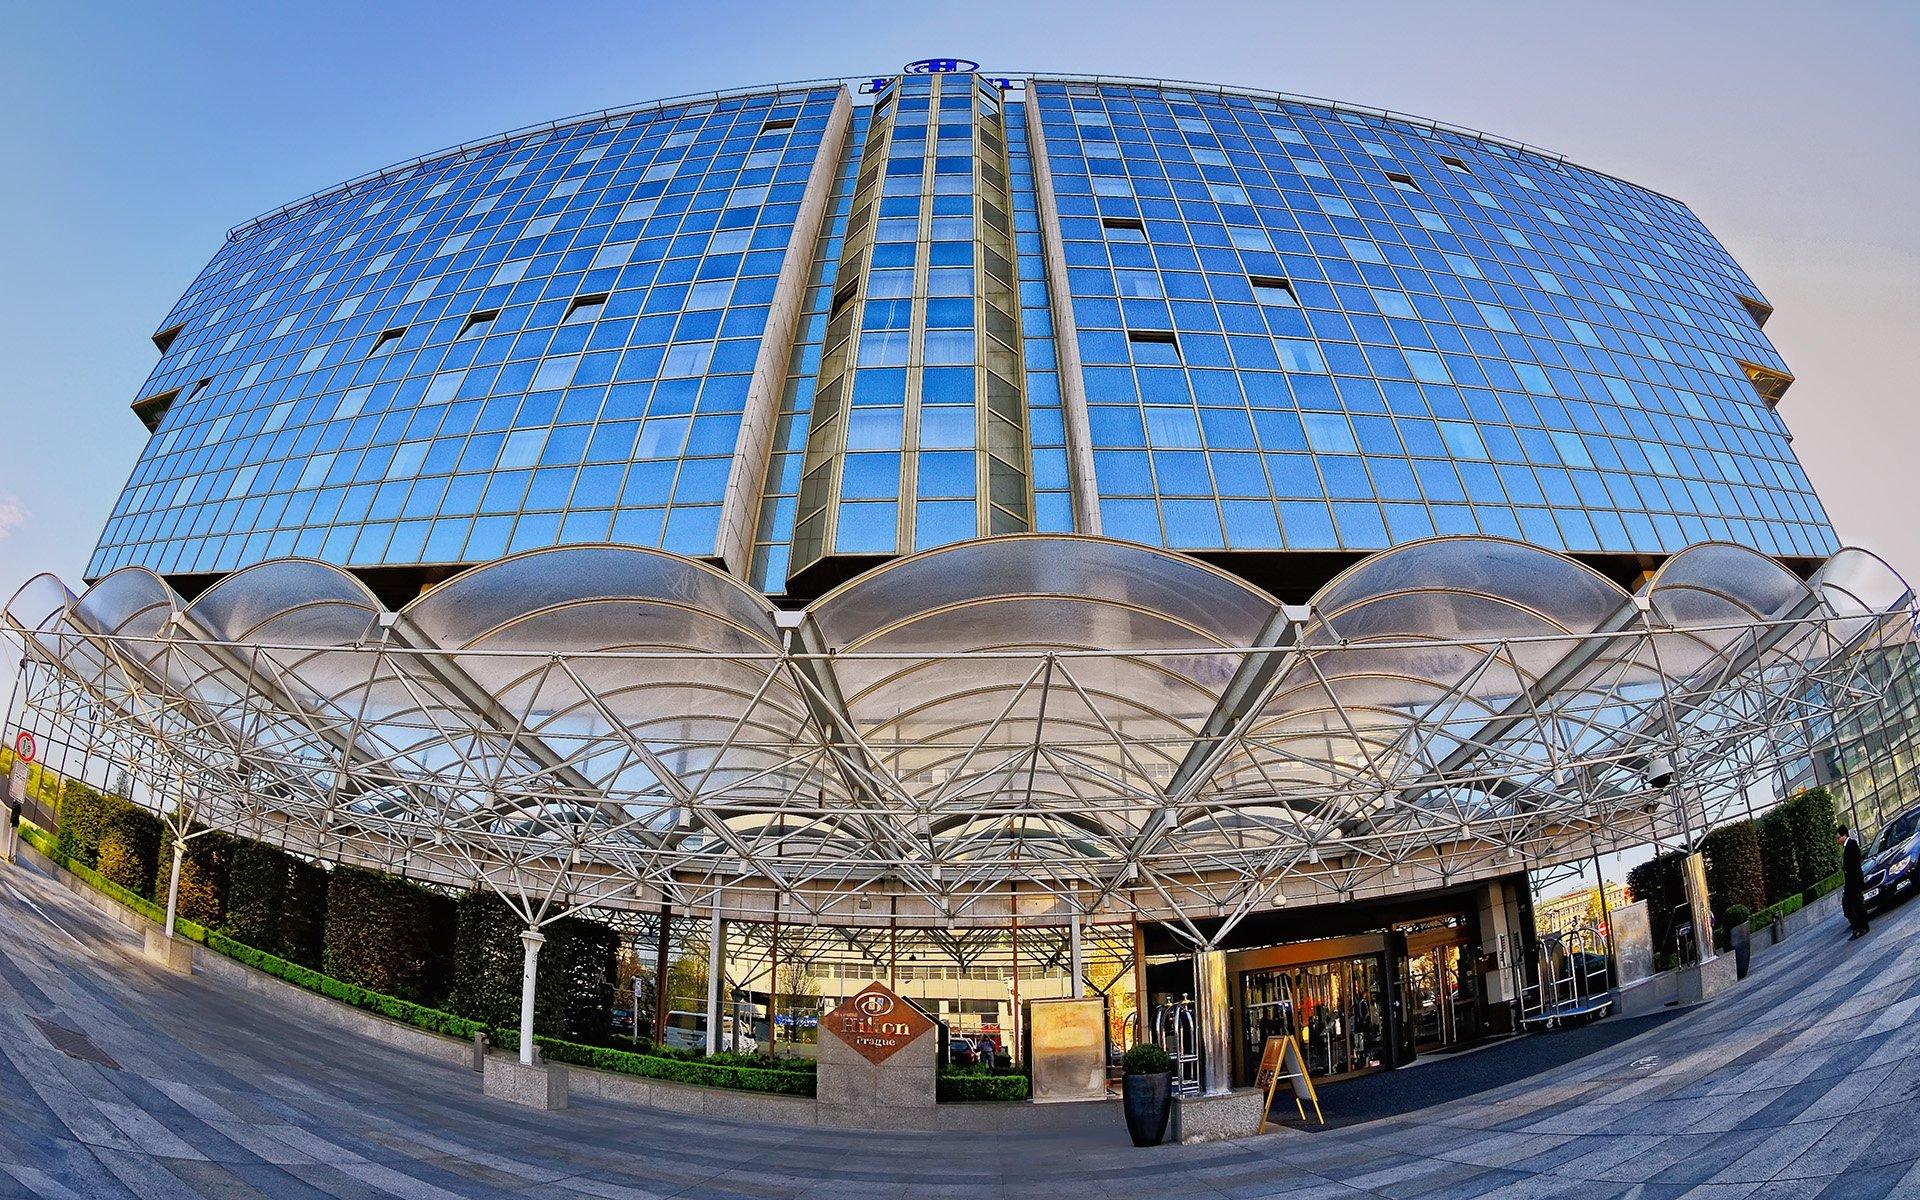 hilton hotel prag girişi